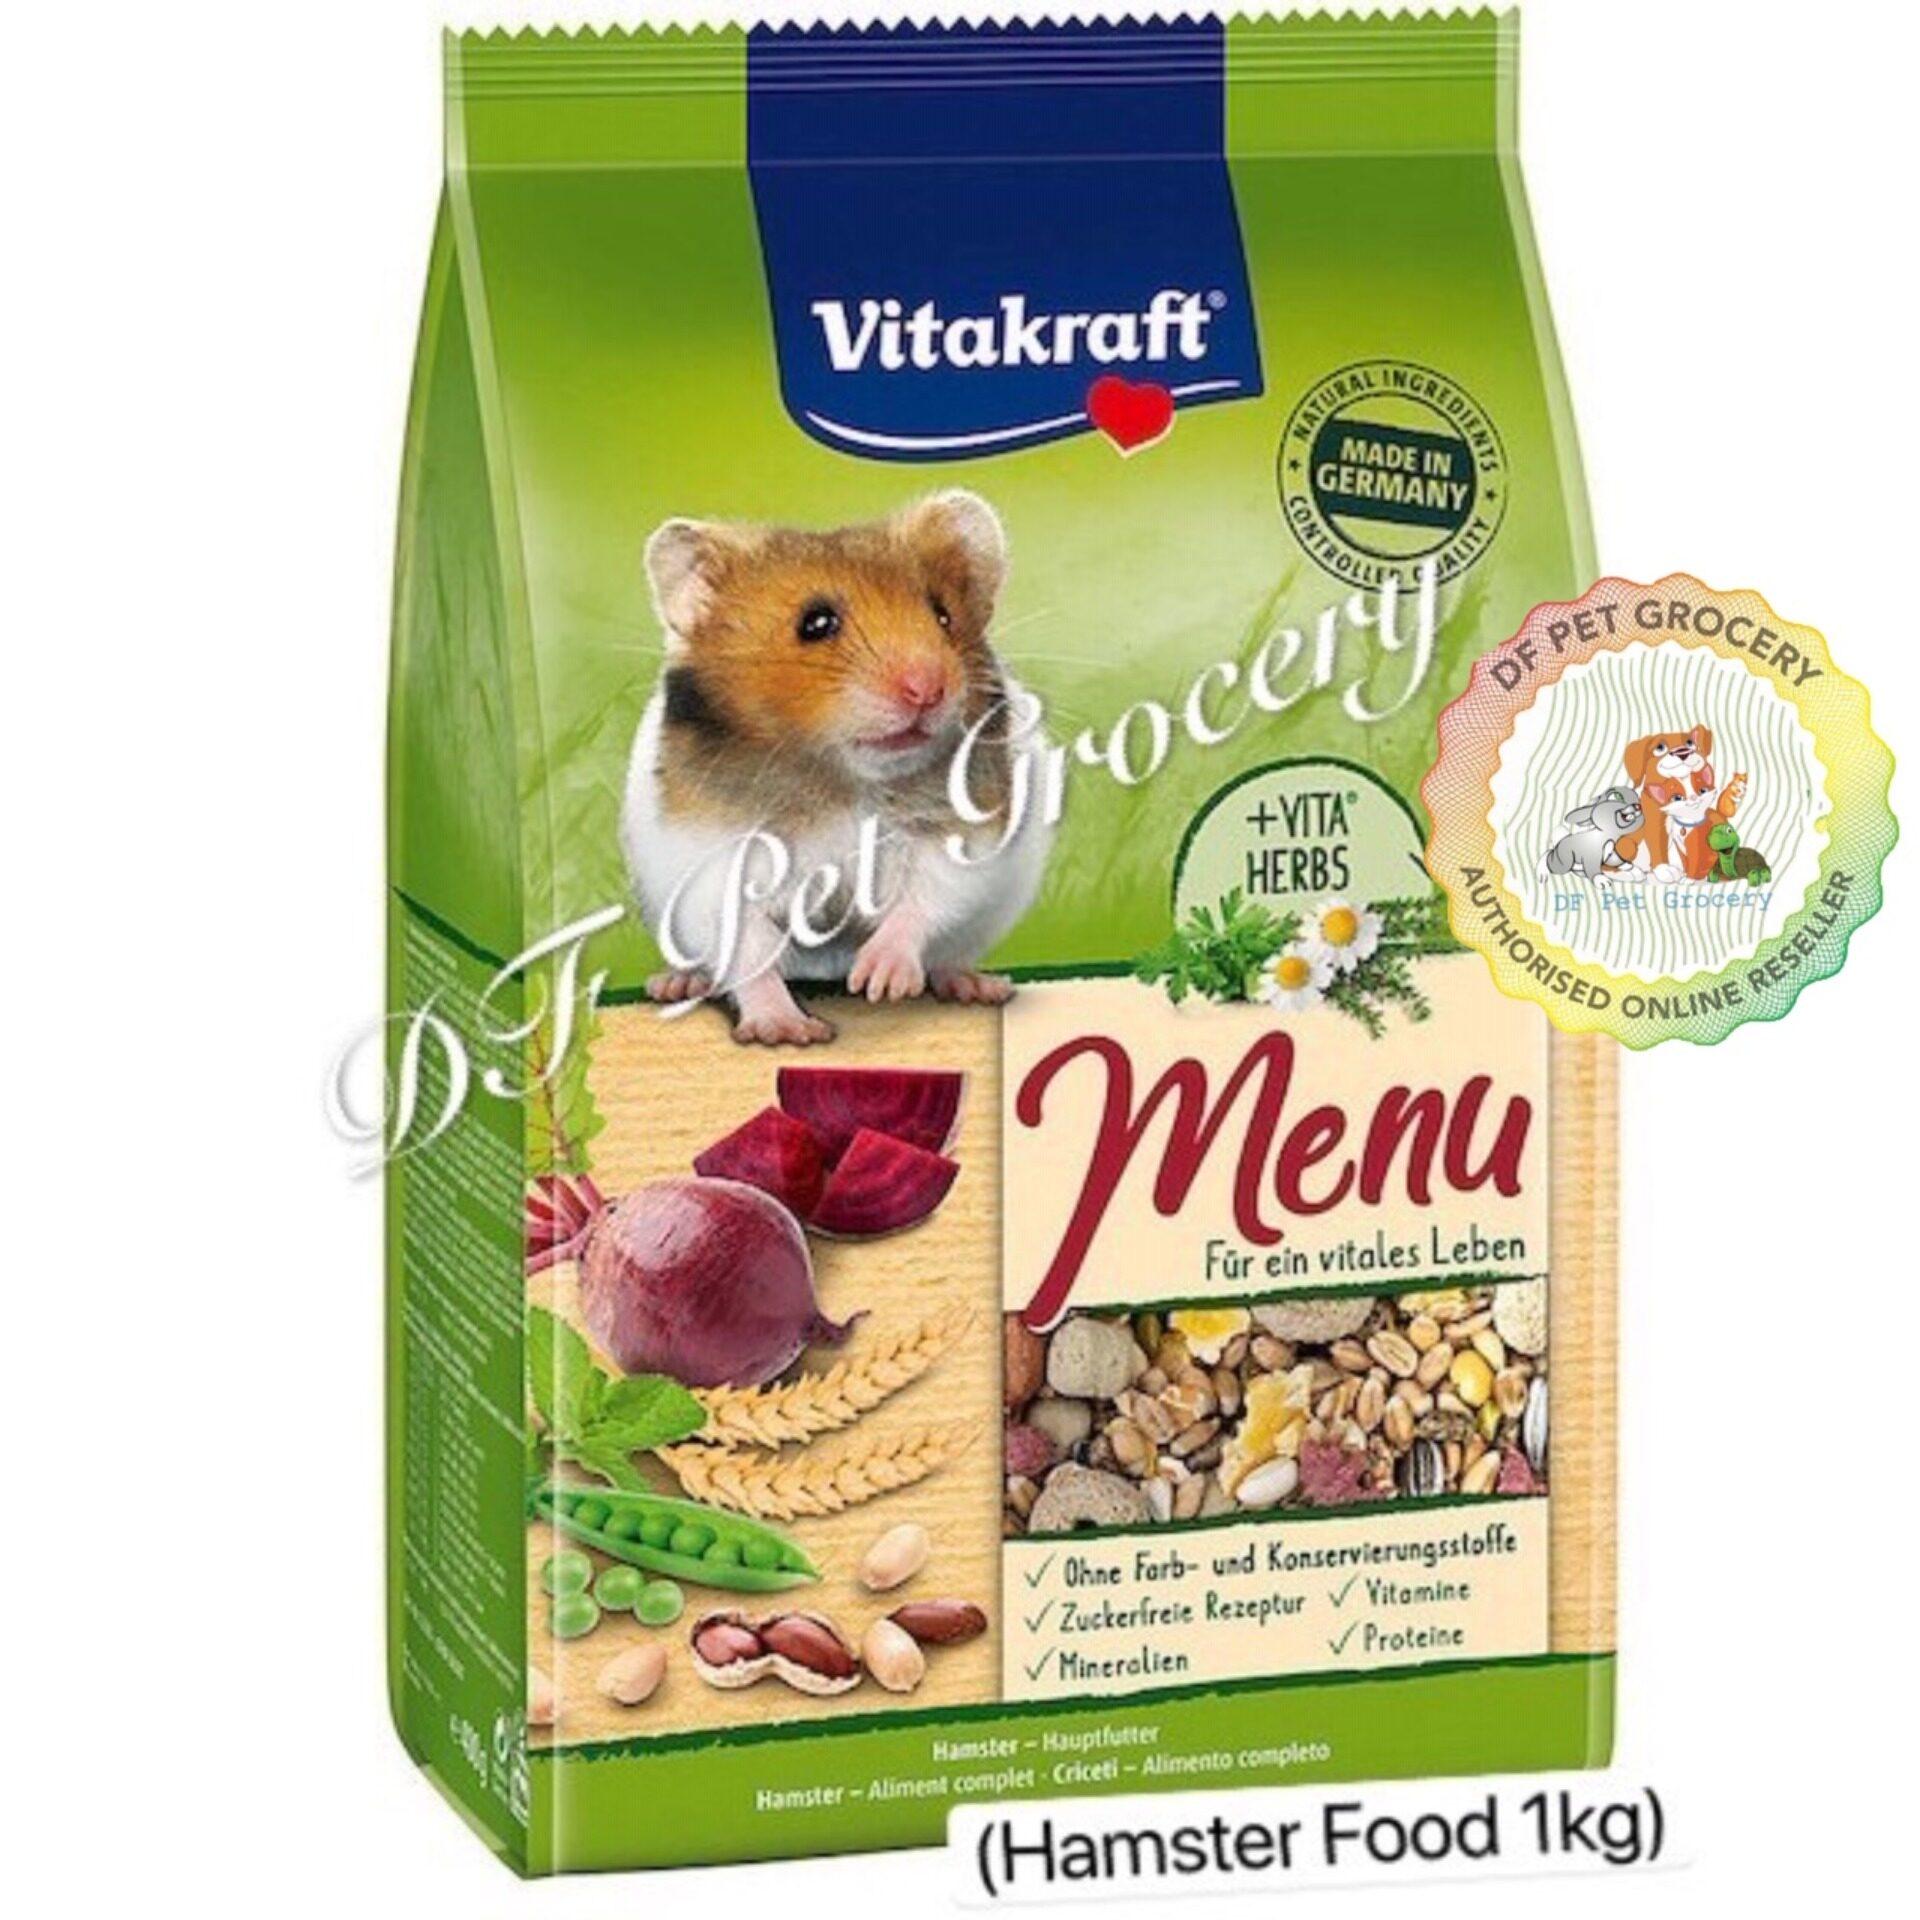 Vitakraft Menu Hamster Food 1kg - Vitakraft Hamster Food